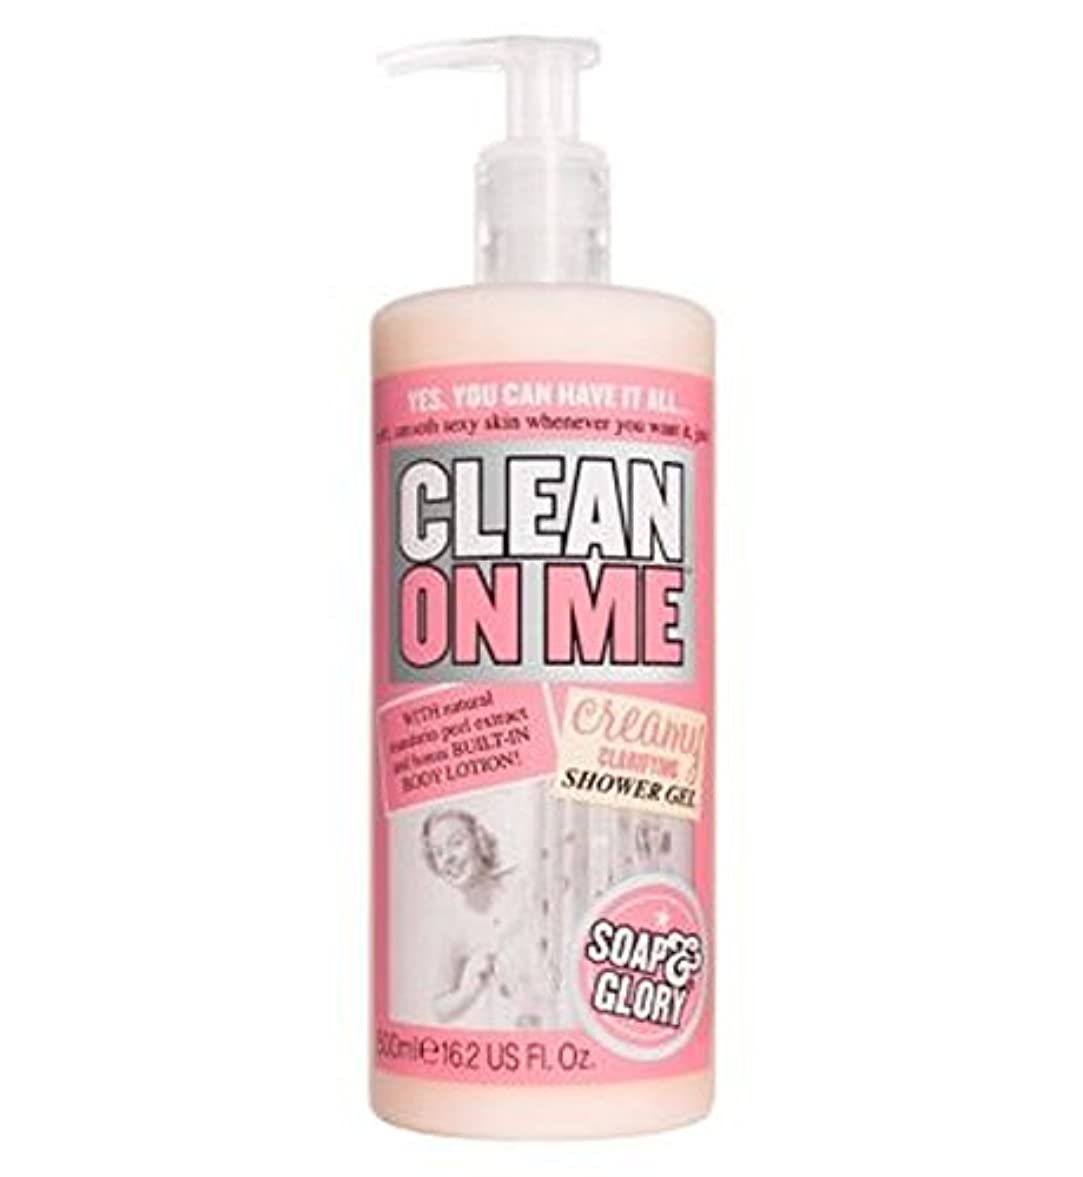 不機嫌そうなトラフィッククリーナーSoap & Glory Clean On Me Creamy Clarifying Shower Gel 500ml - 私にきれいな石鹸&栄光はシャワージェル500ミリリットルを明確にクリーミー (Soap & Glory...